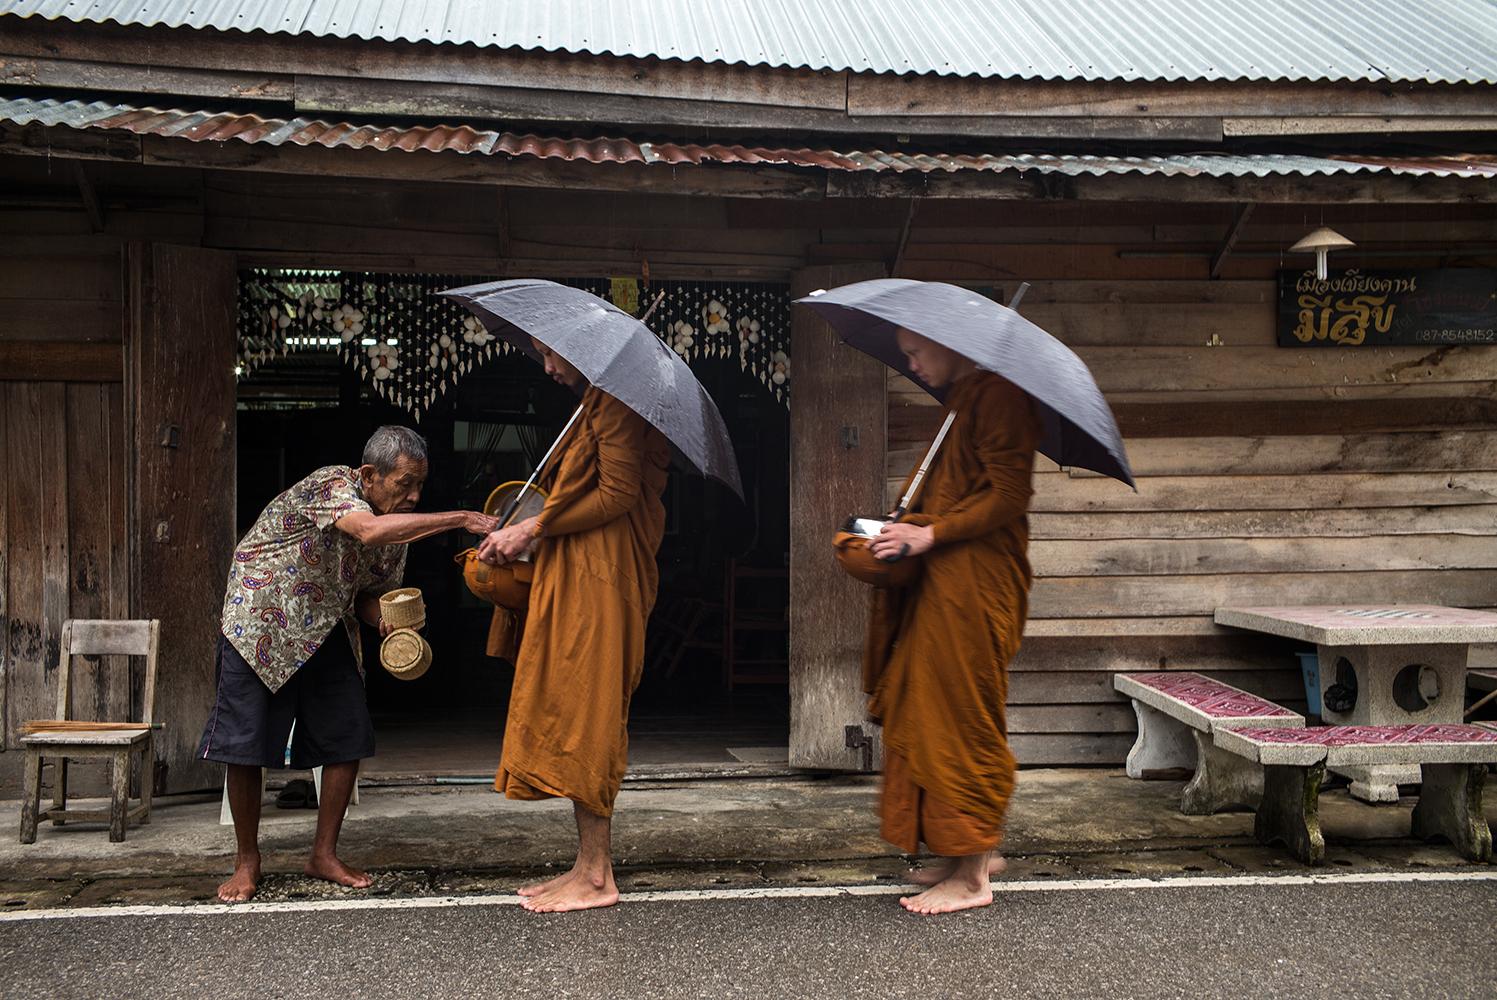 ChiangKhan2015Aug_003_s.jpg